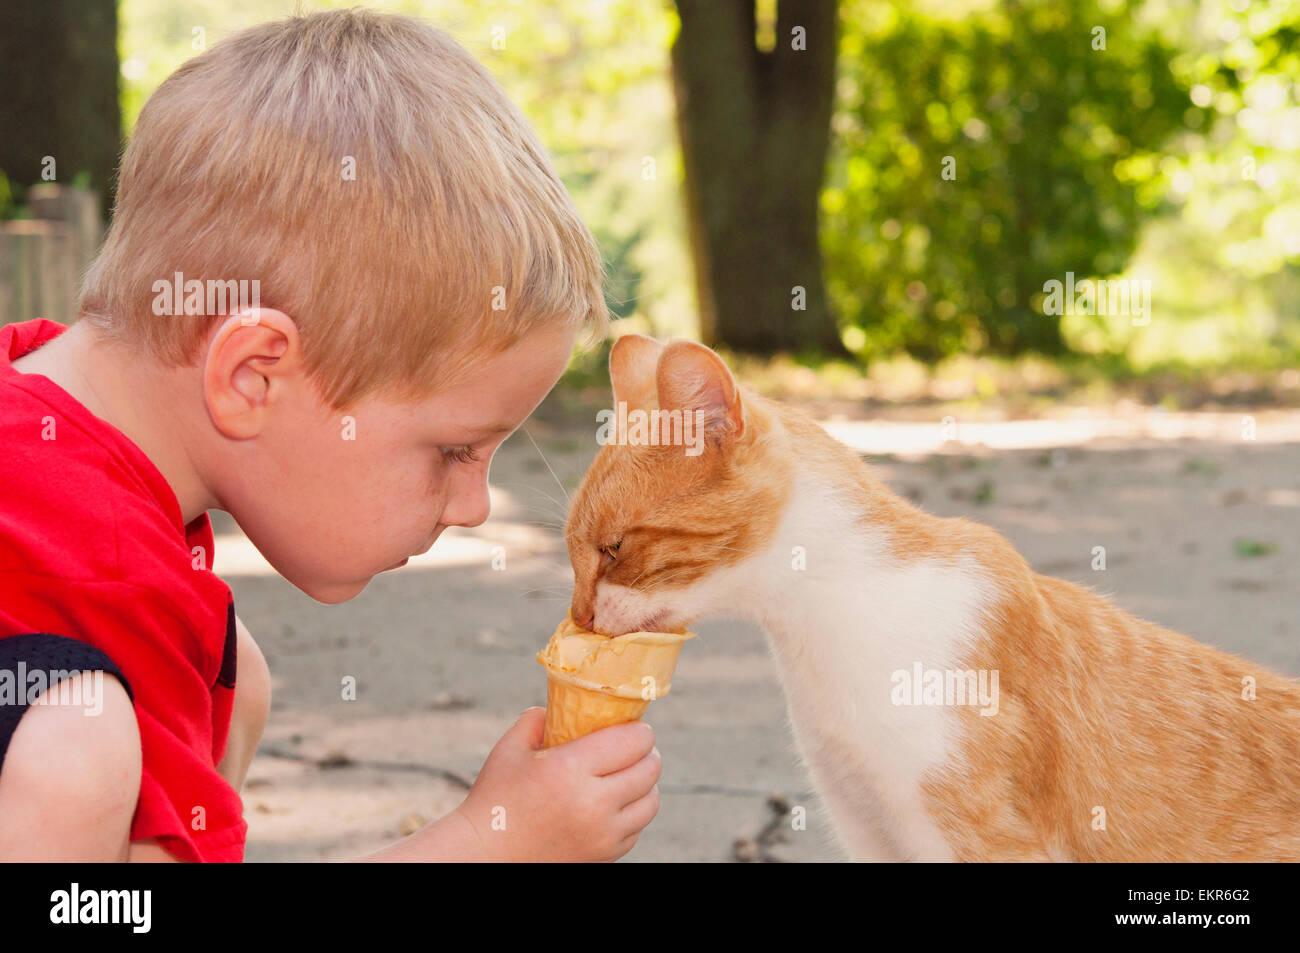 Son chat l'alimentation de l'enfant-glace cornet de crème glacée Banque D'Images